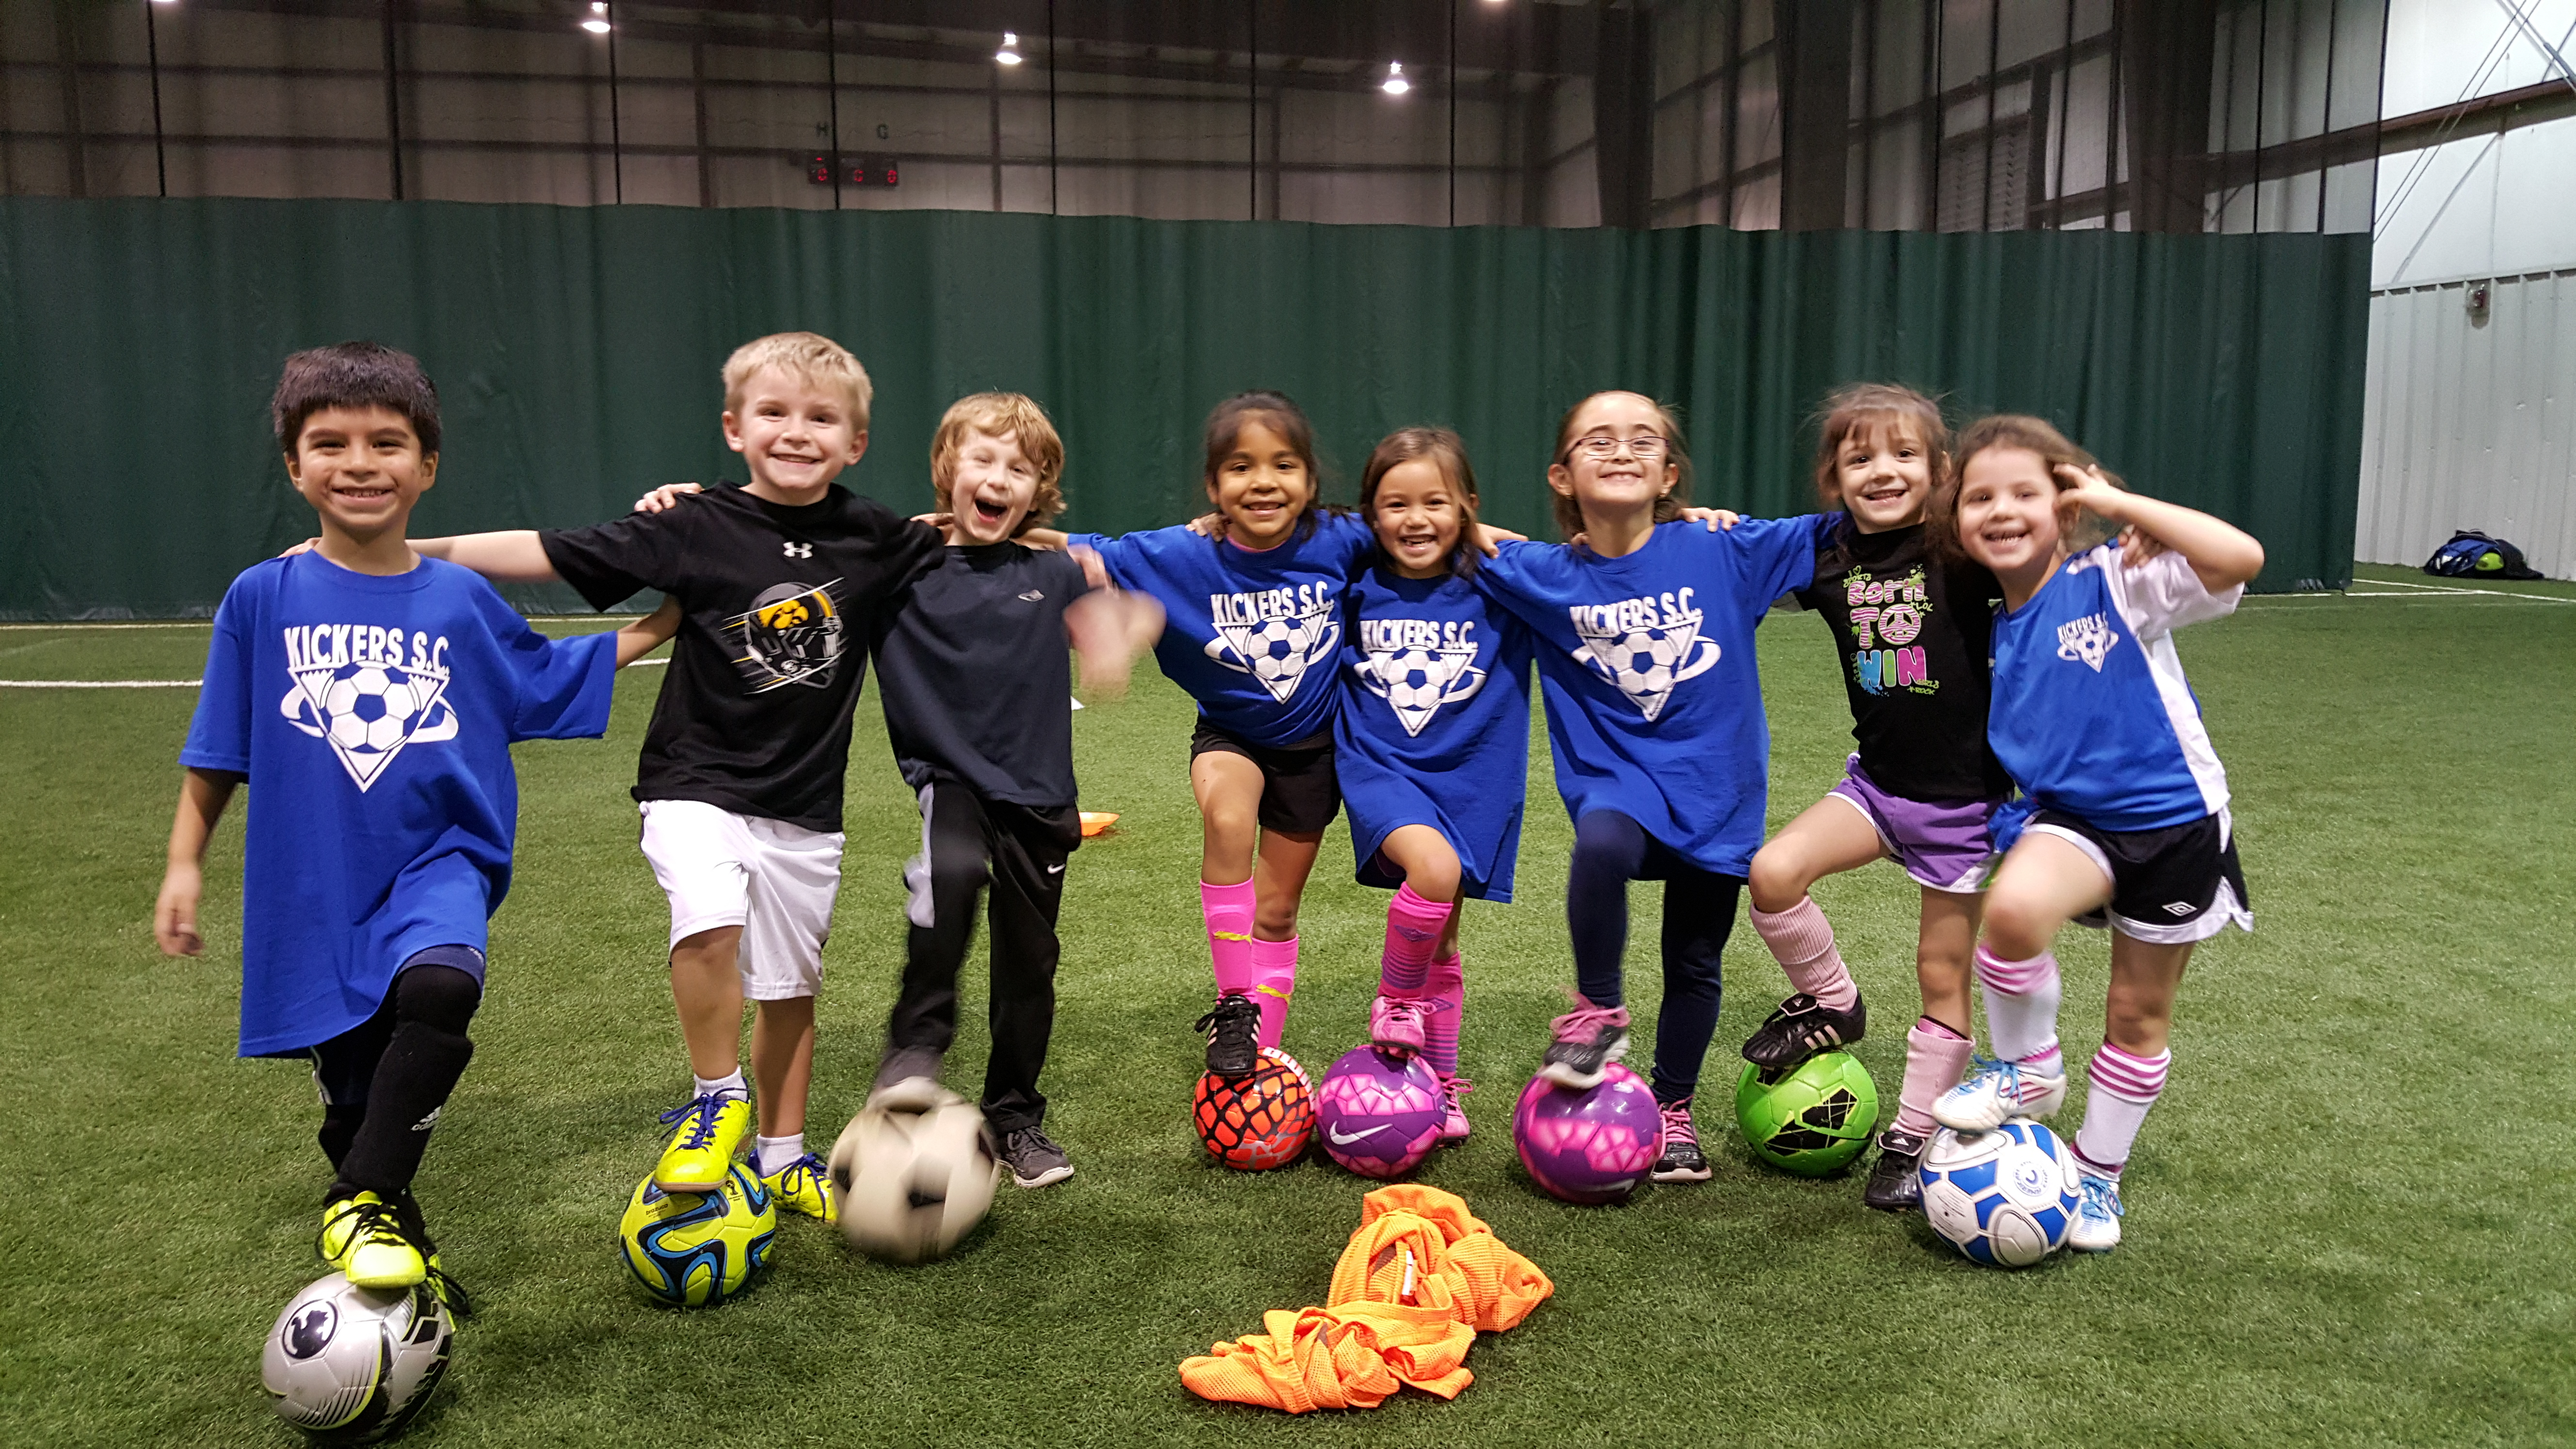 Kicker Soccer